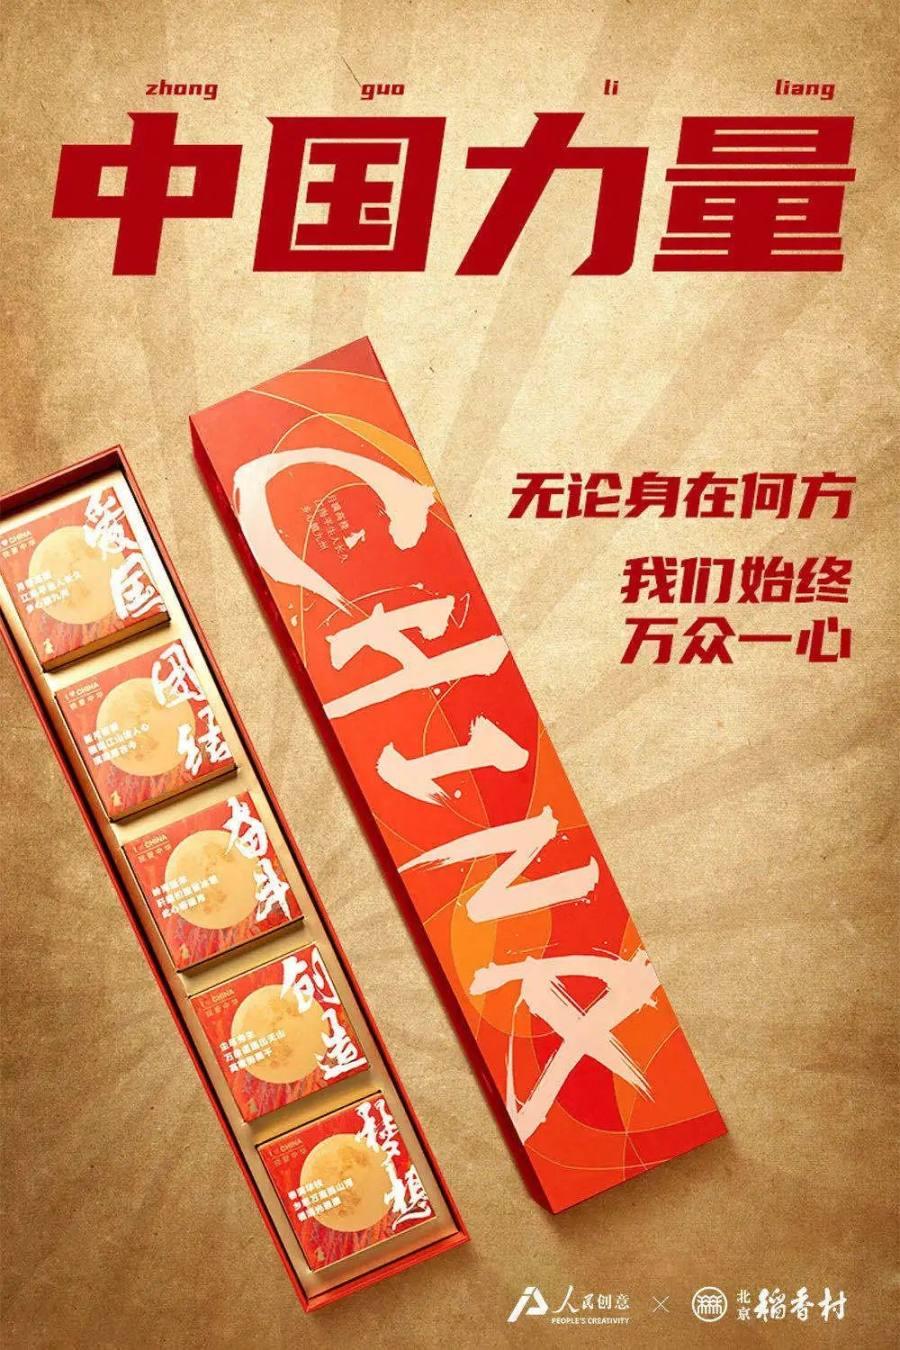 中秋团圆时,人民创意邀请您品国潮月饼,聚中国力量